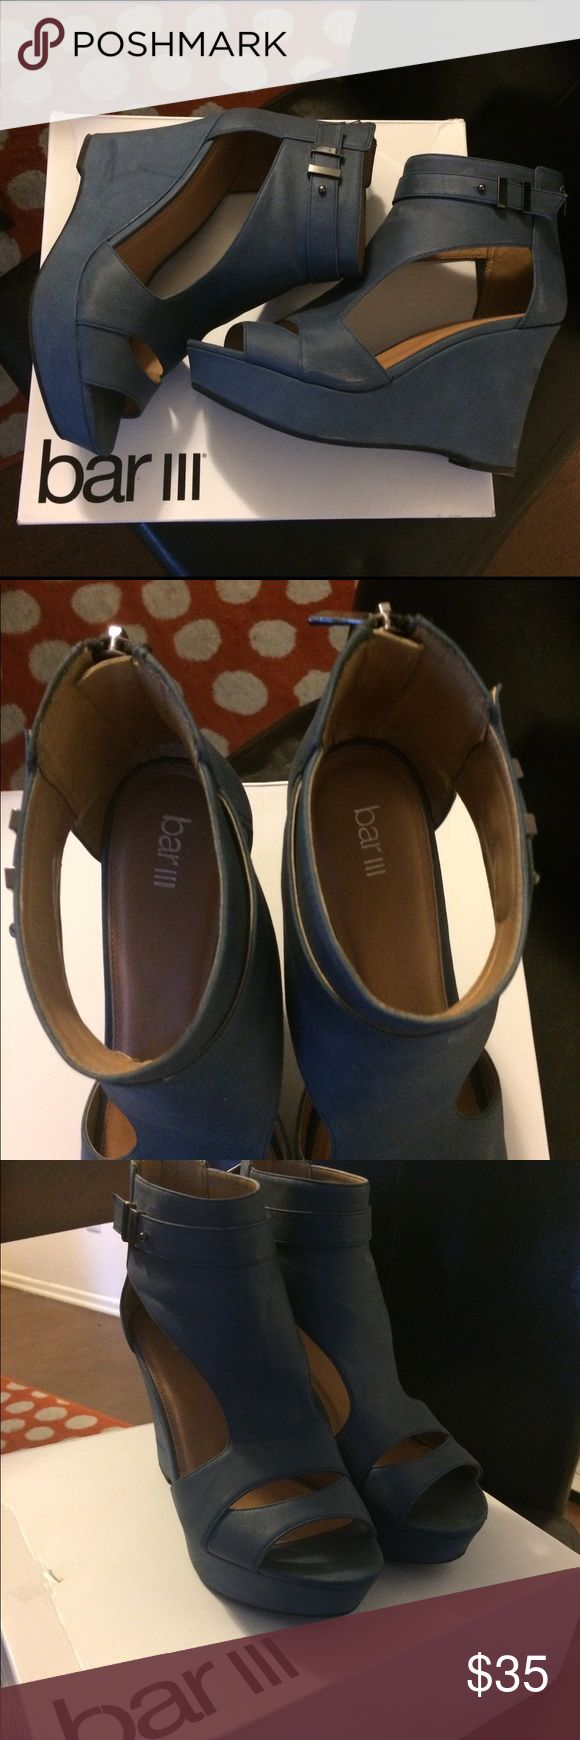 Platform Wedges Bar ||| Platform wedges are new. Size 10. Bar III Shoes Platforms